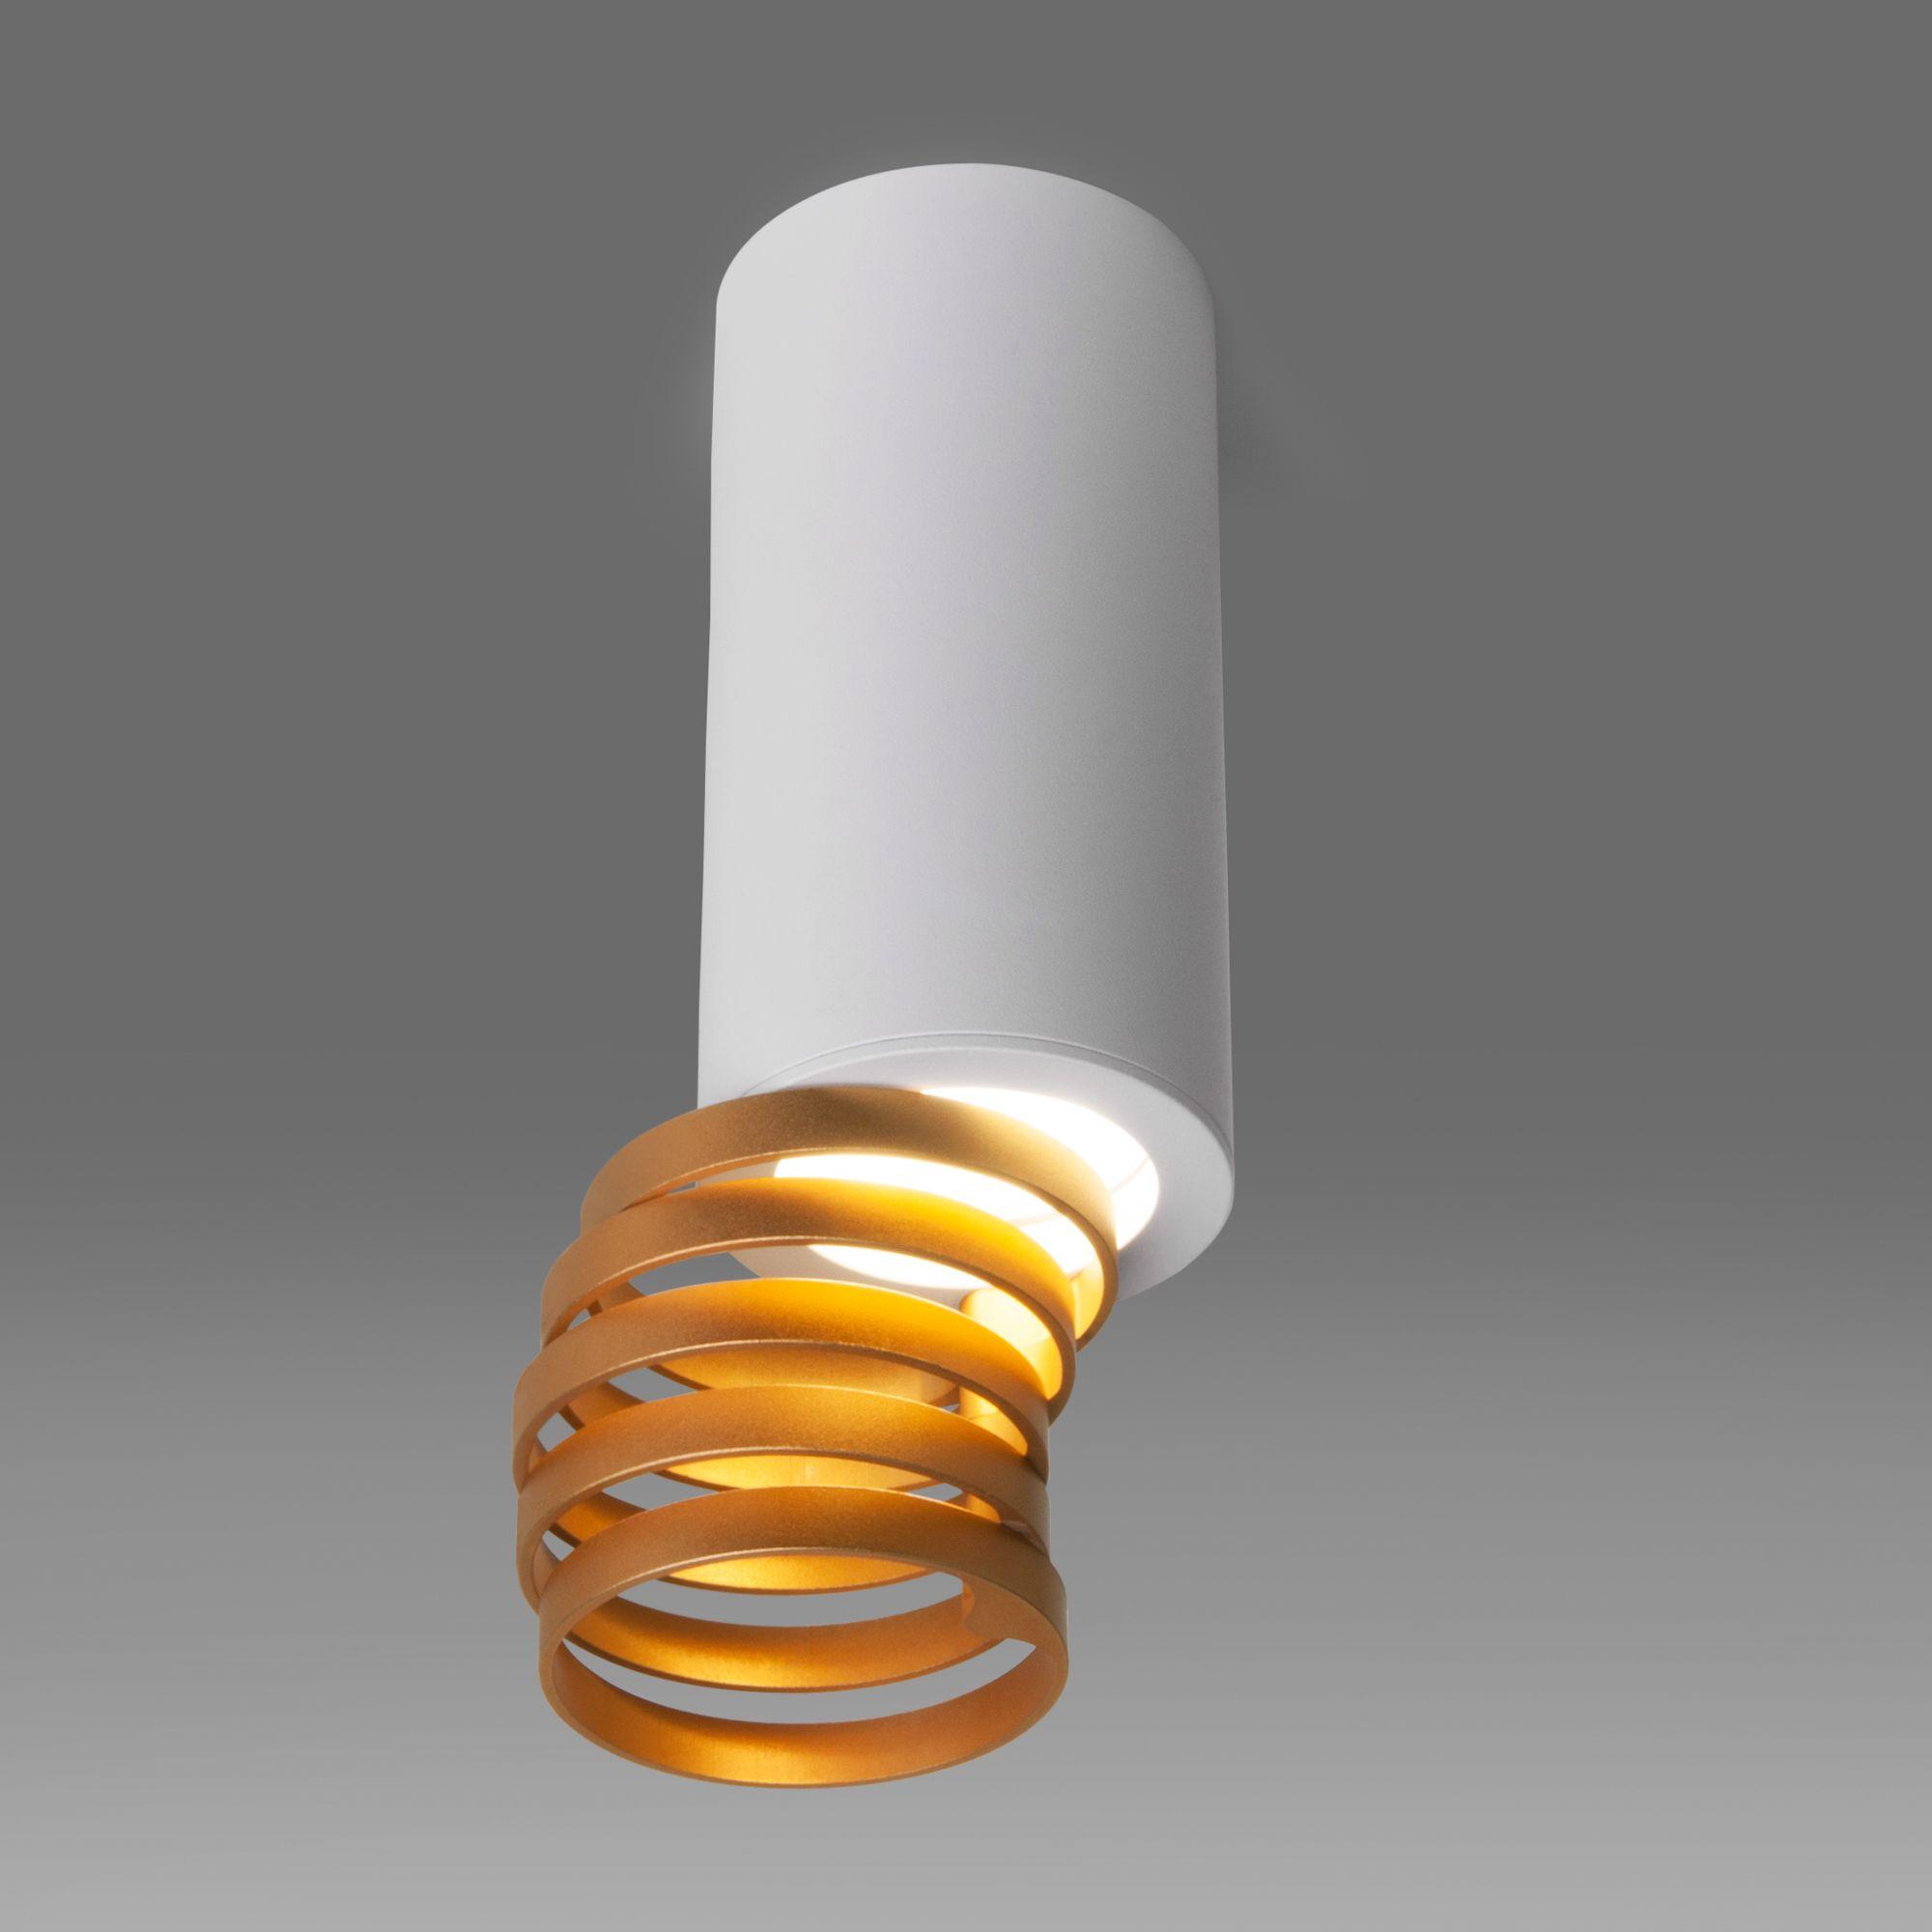 Накладной акцентный  светильник DLN102 GU10